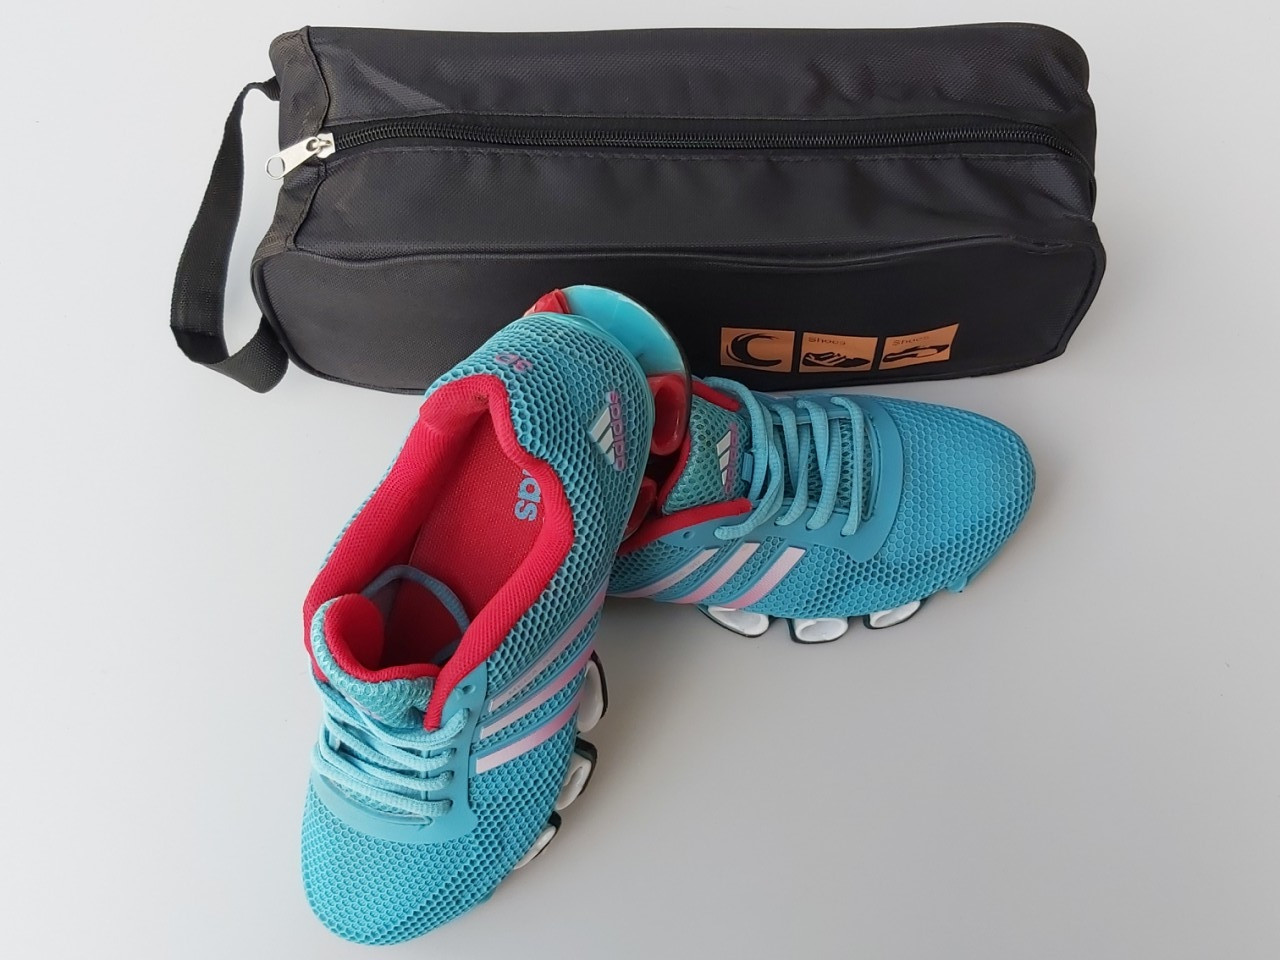 Чехол-сумка черного цвета для хранения и упаковки обуви с прозрачной вставкой, длина 33 см